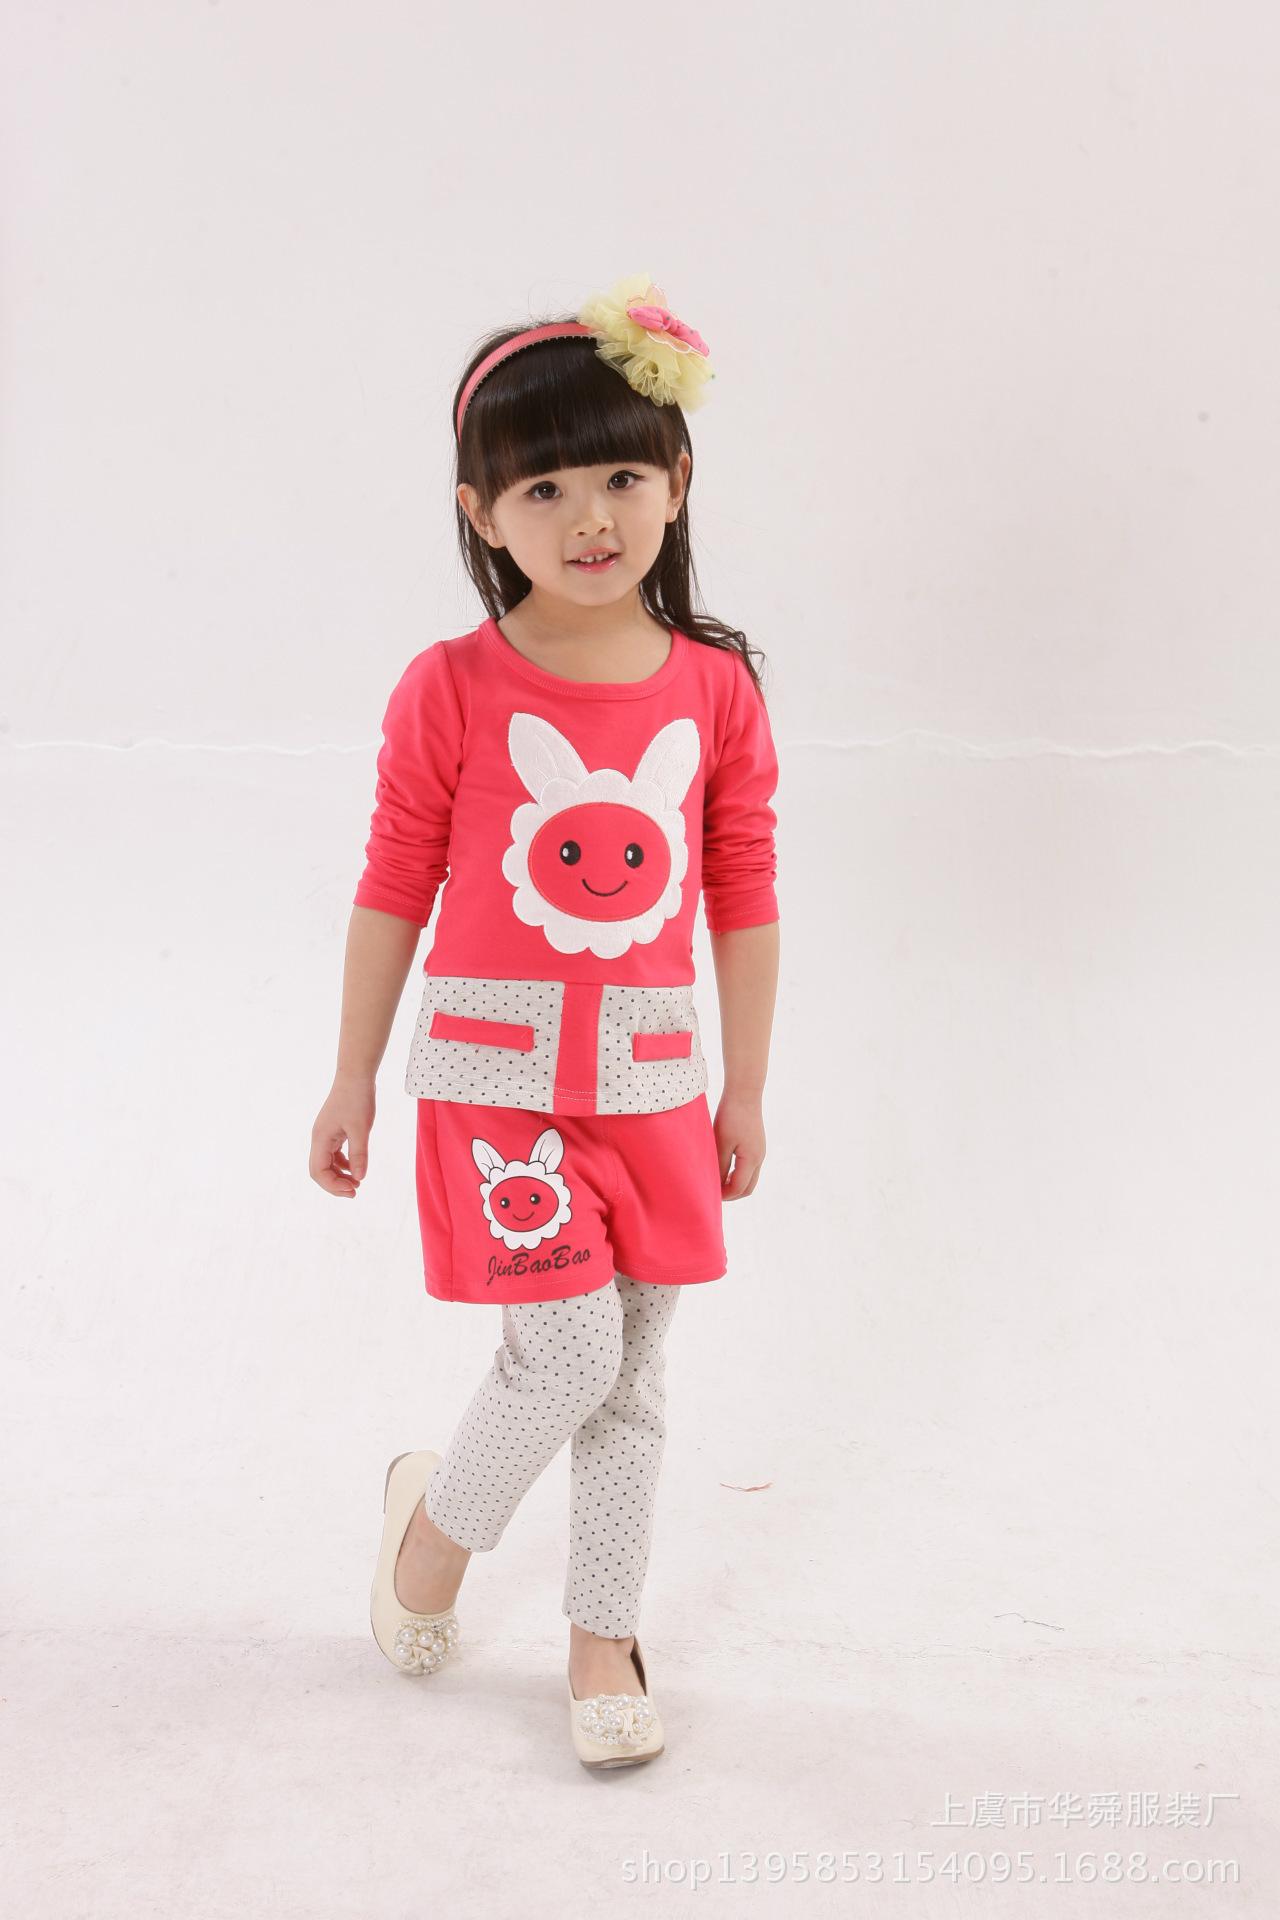 特价供应2015新款春款 女童套装批发 韩版儿童卡通两件套童套装厂家直销